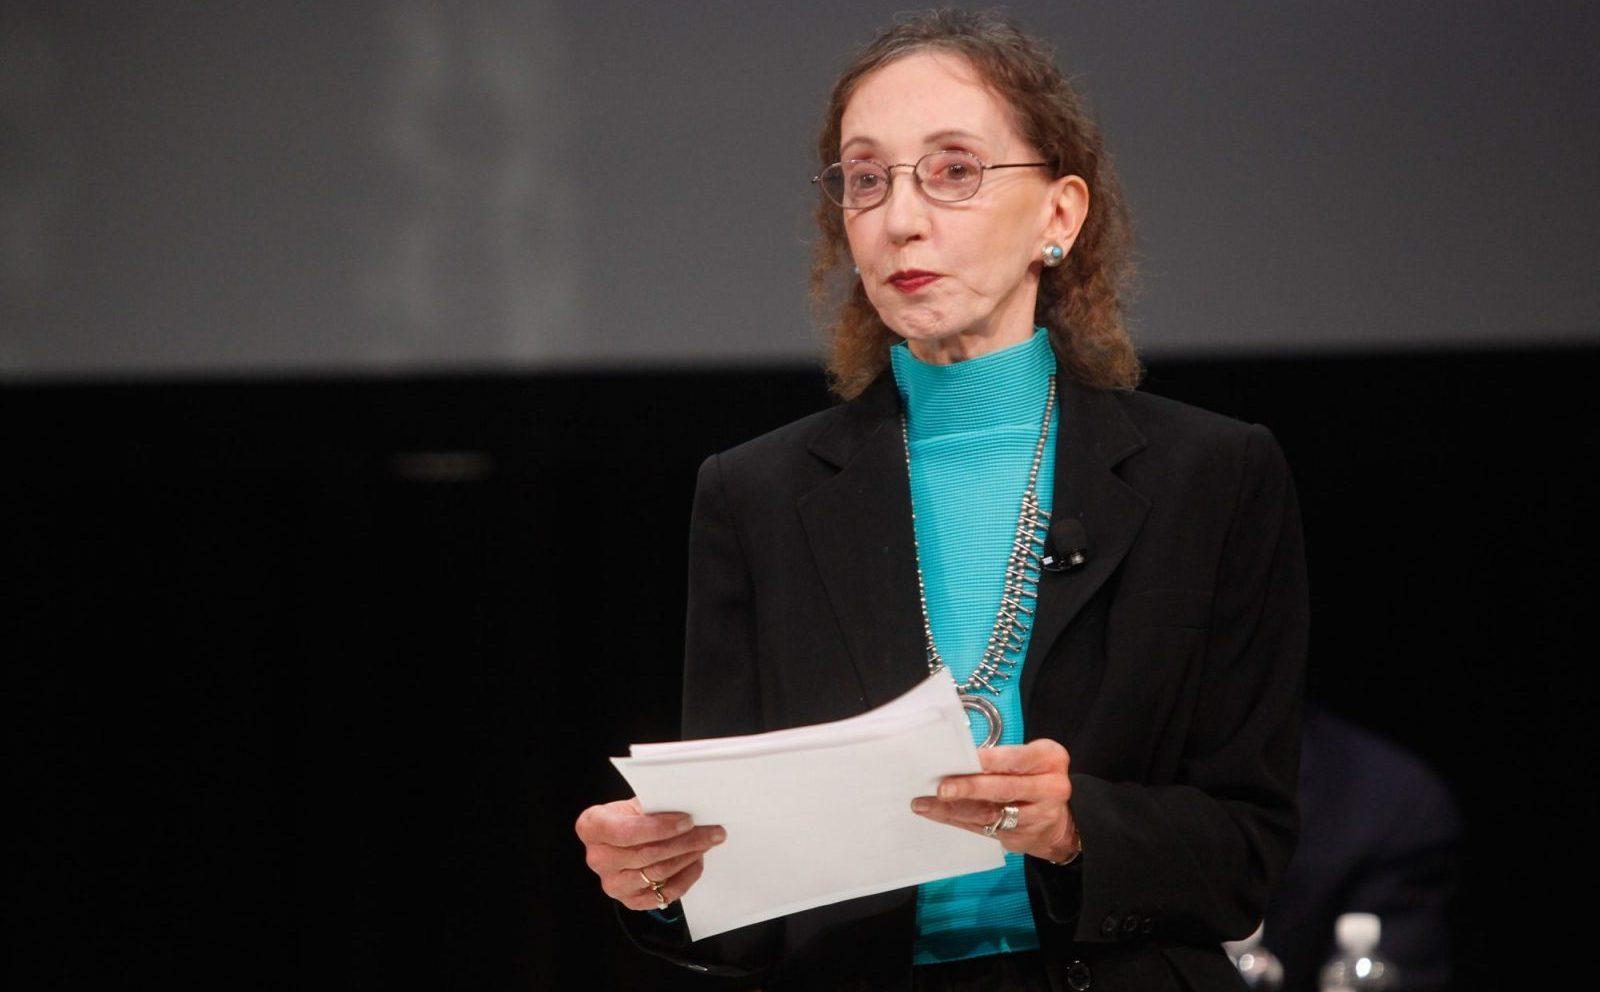 Author Joyce Carol Oates. (Getty Images)